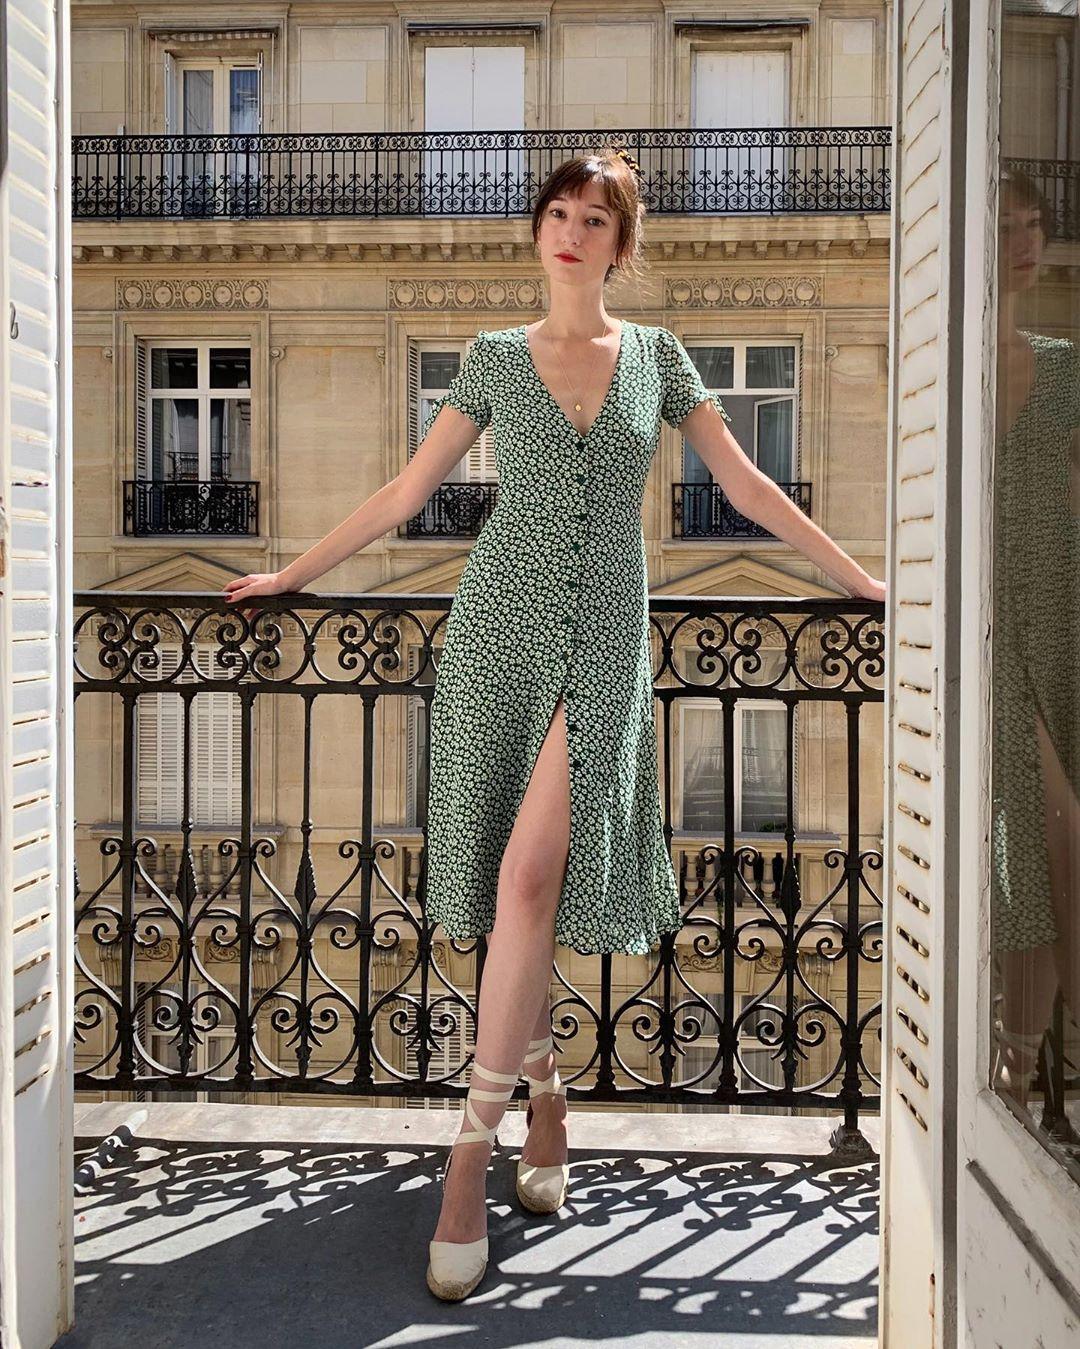 váy hoa nhí màu xanh lá retro thiết kế xẻ tà